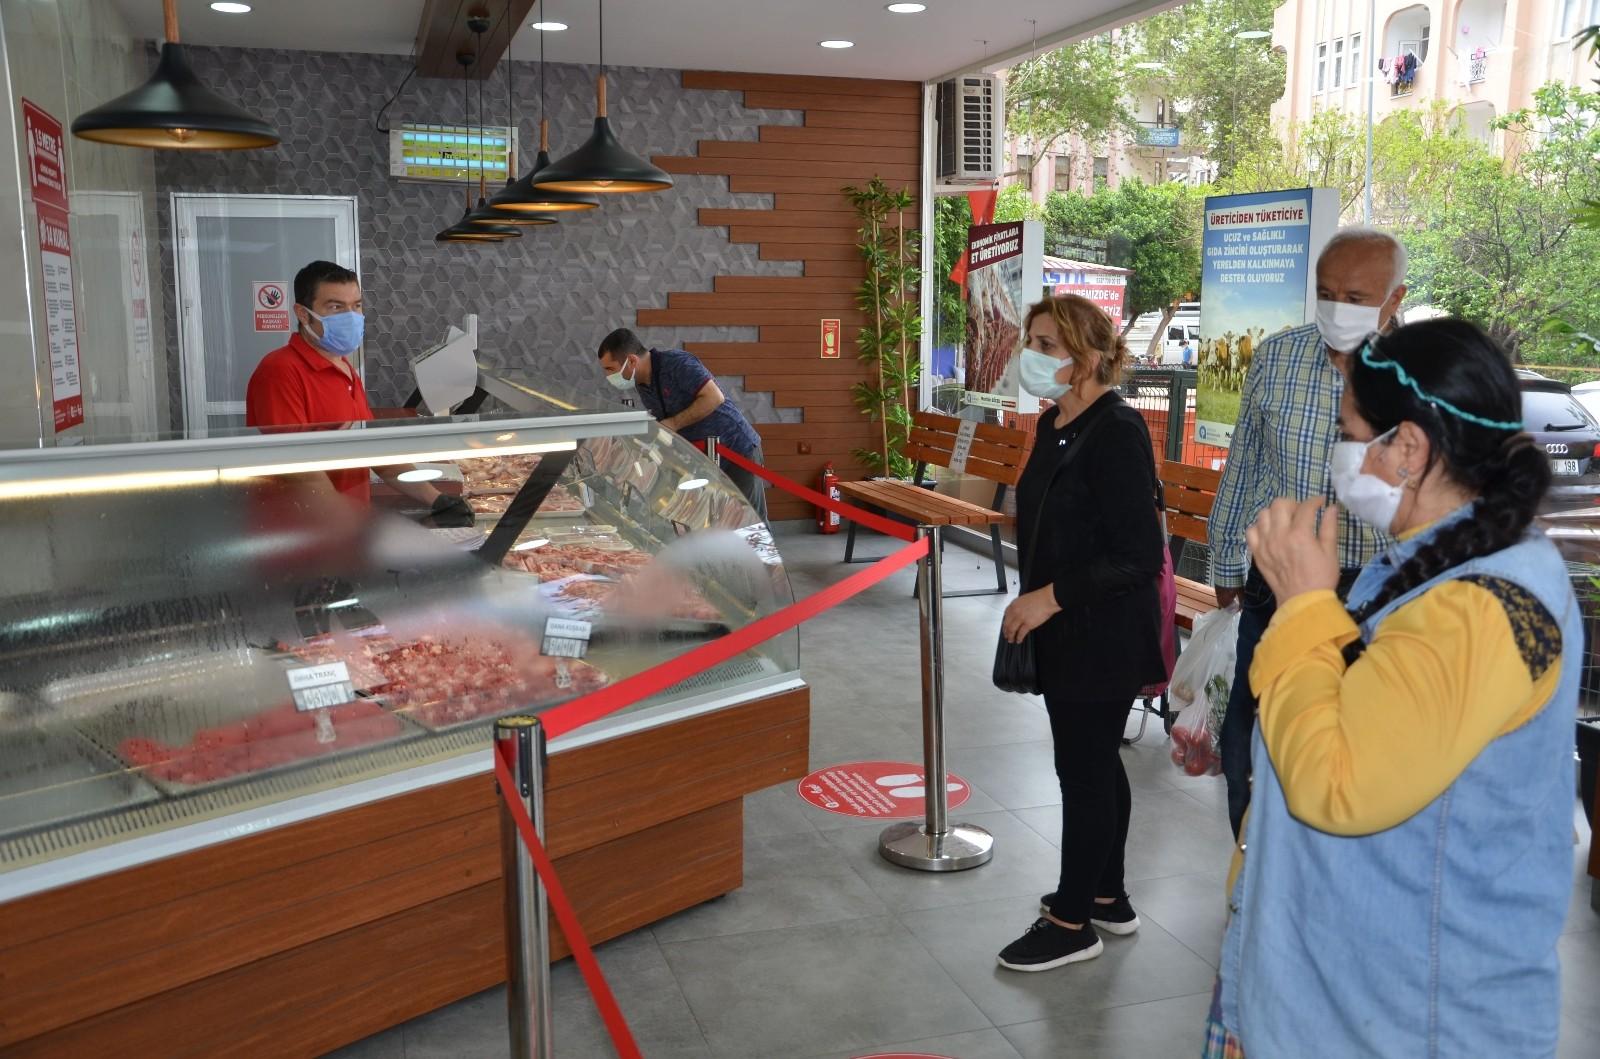 Alanya Halk Et Satış Mağazasında 1 yılda 63 bin kg et ürünü satıldı